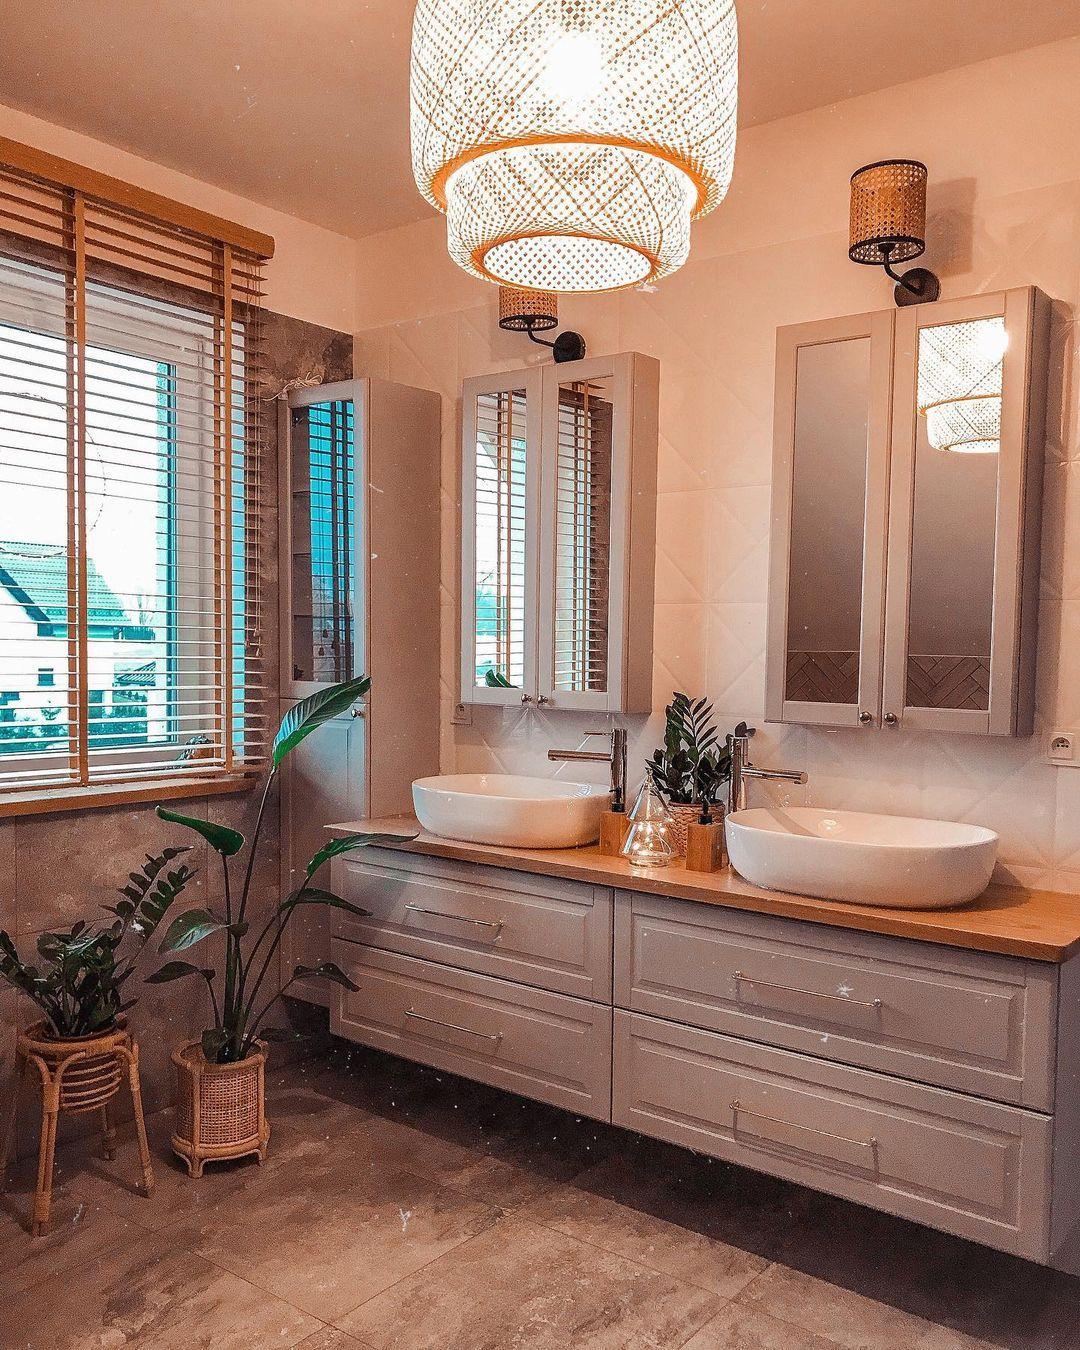 Natalia Ziarkowska On Instagram Dzien Dobry Kochani Jest Jest W Koncu Moge Wam Pokazac Efekt Naszej In 2021 Bathroom Design Decor Bathroom Design Design